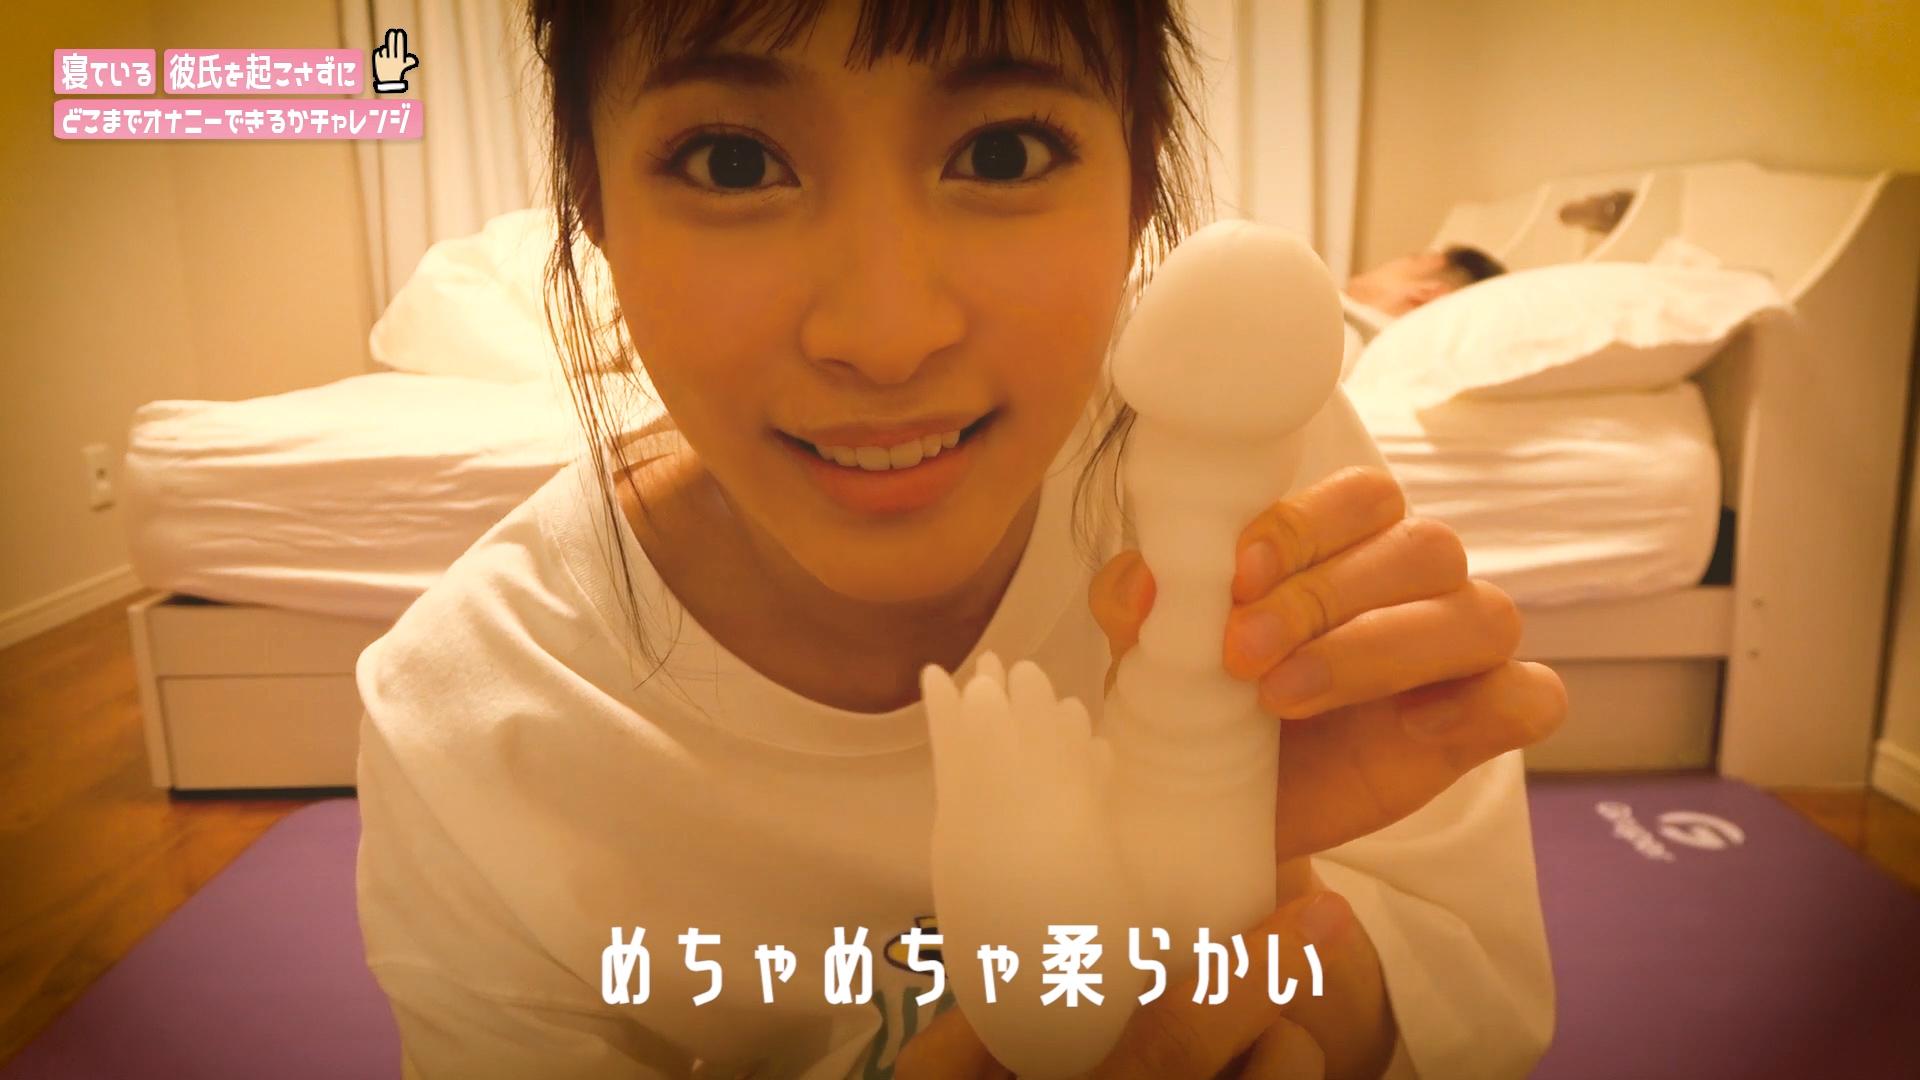 逢見リカ[日本のバイブ] 白バイブを紹介